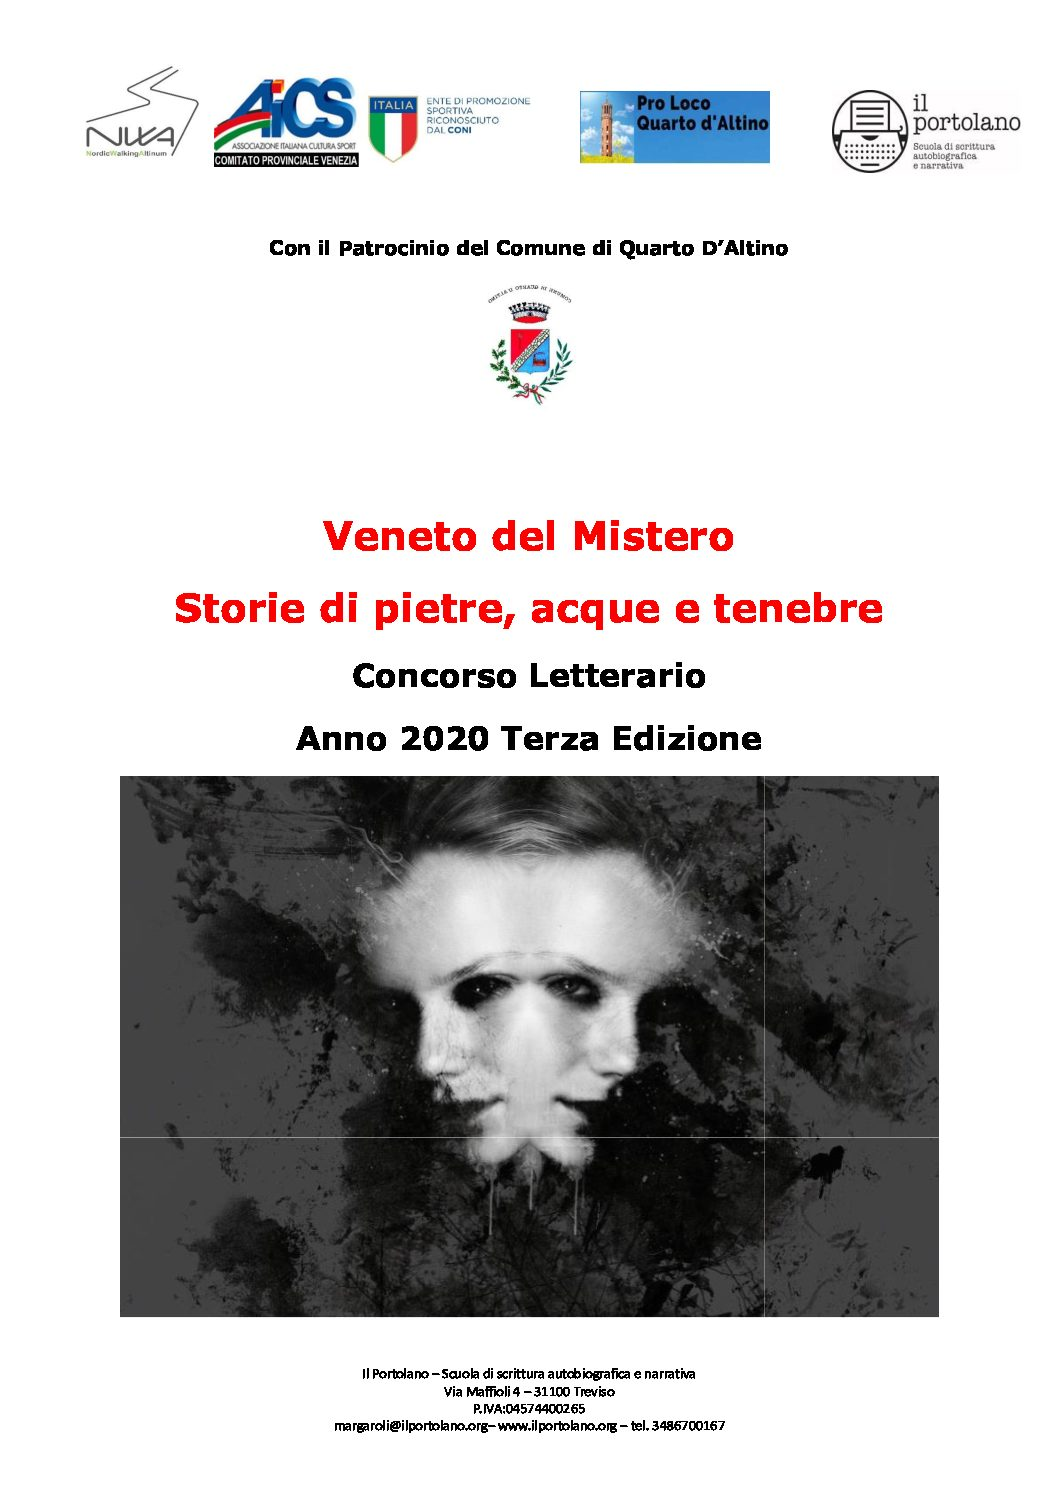 Veneto del Mistero 2020 – concorso letterario terza edizione